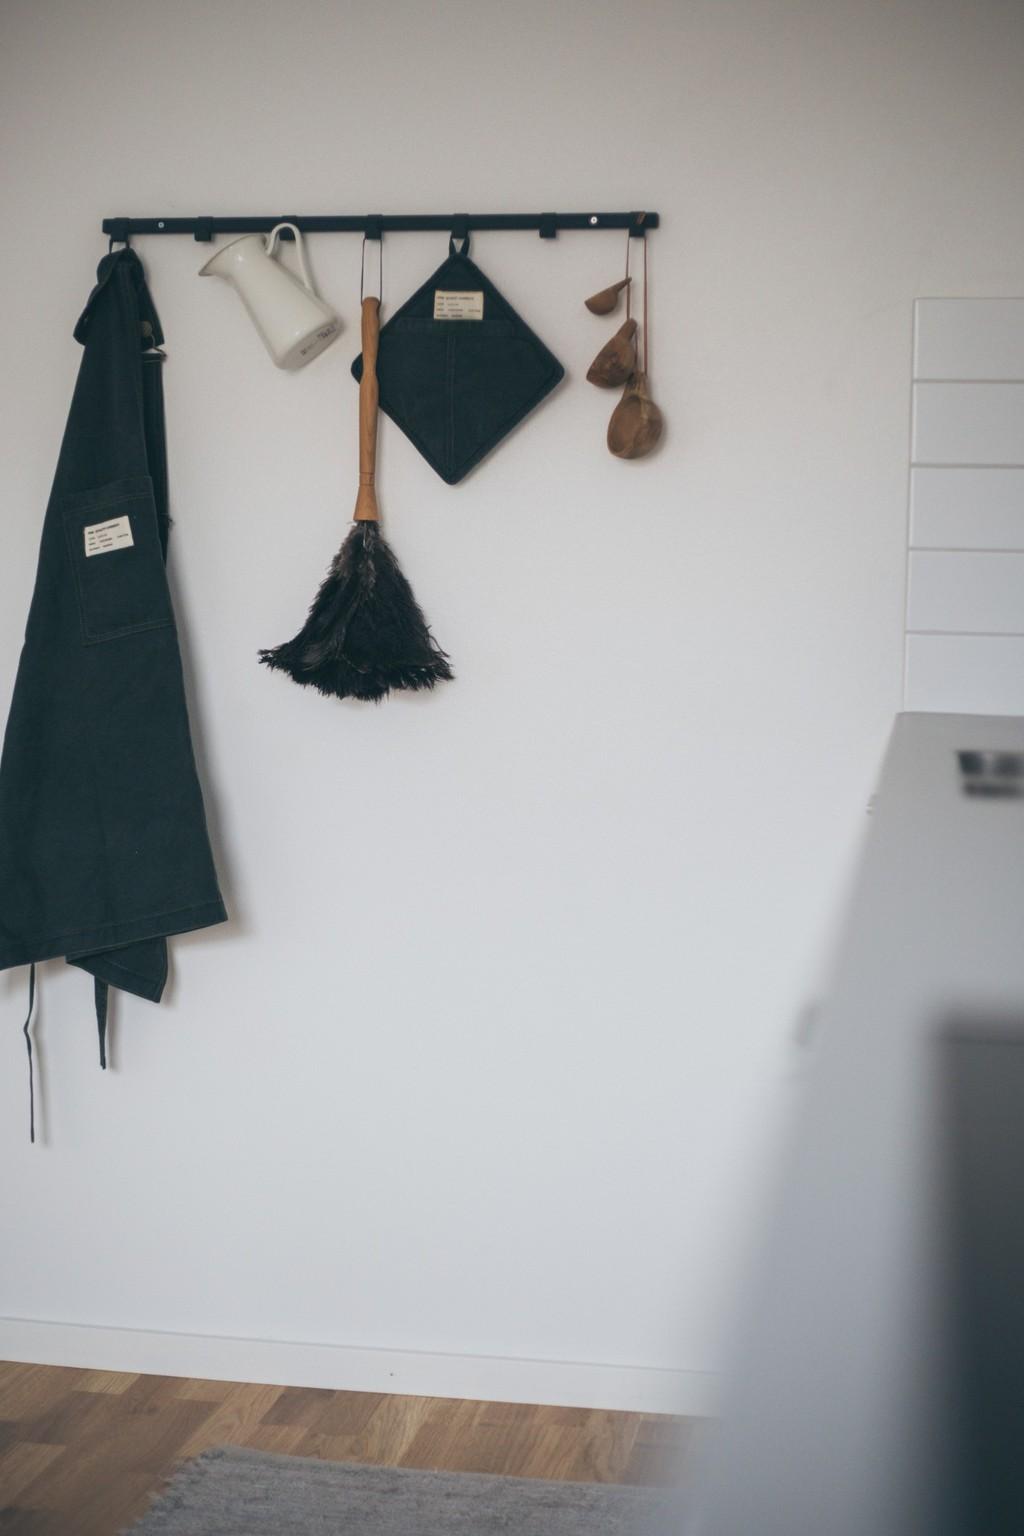 svarta krokar med förkläde, en kanna, en dammvippa, mått och grytlapp